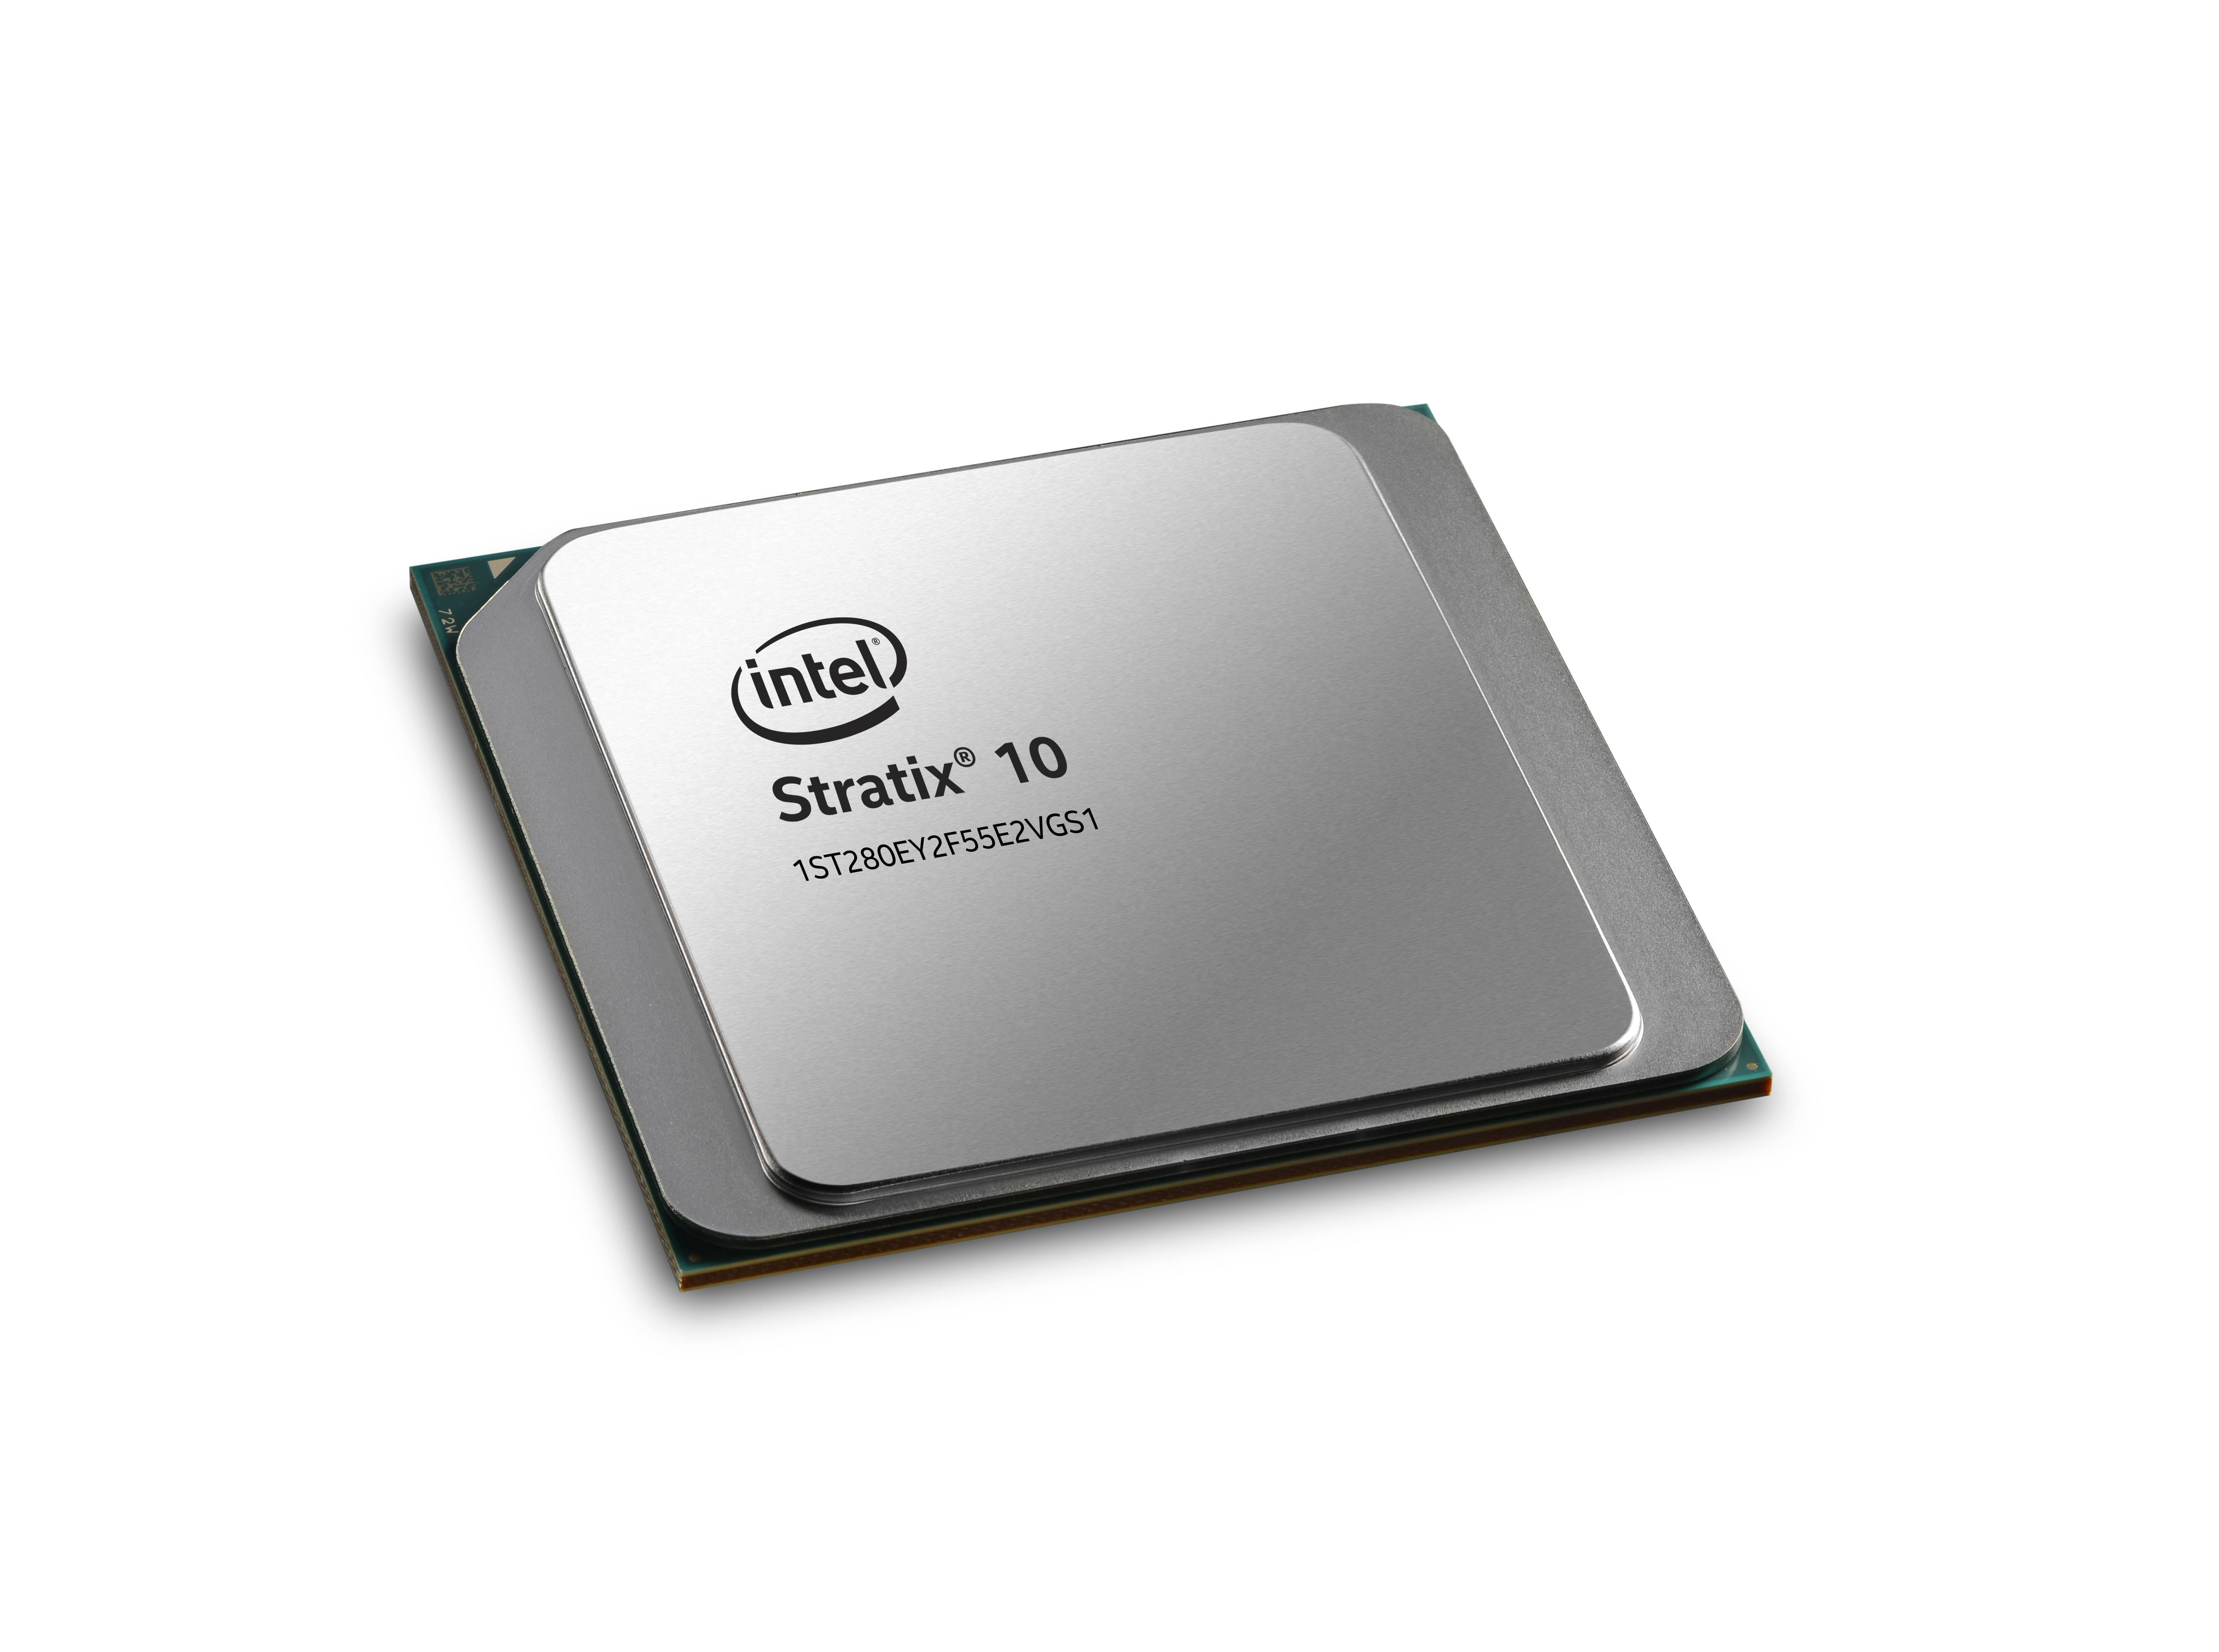 Intel-Stratix-10-TX-1